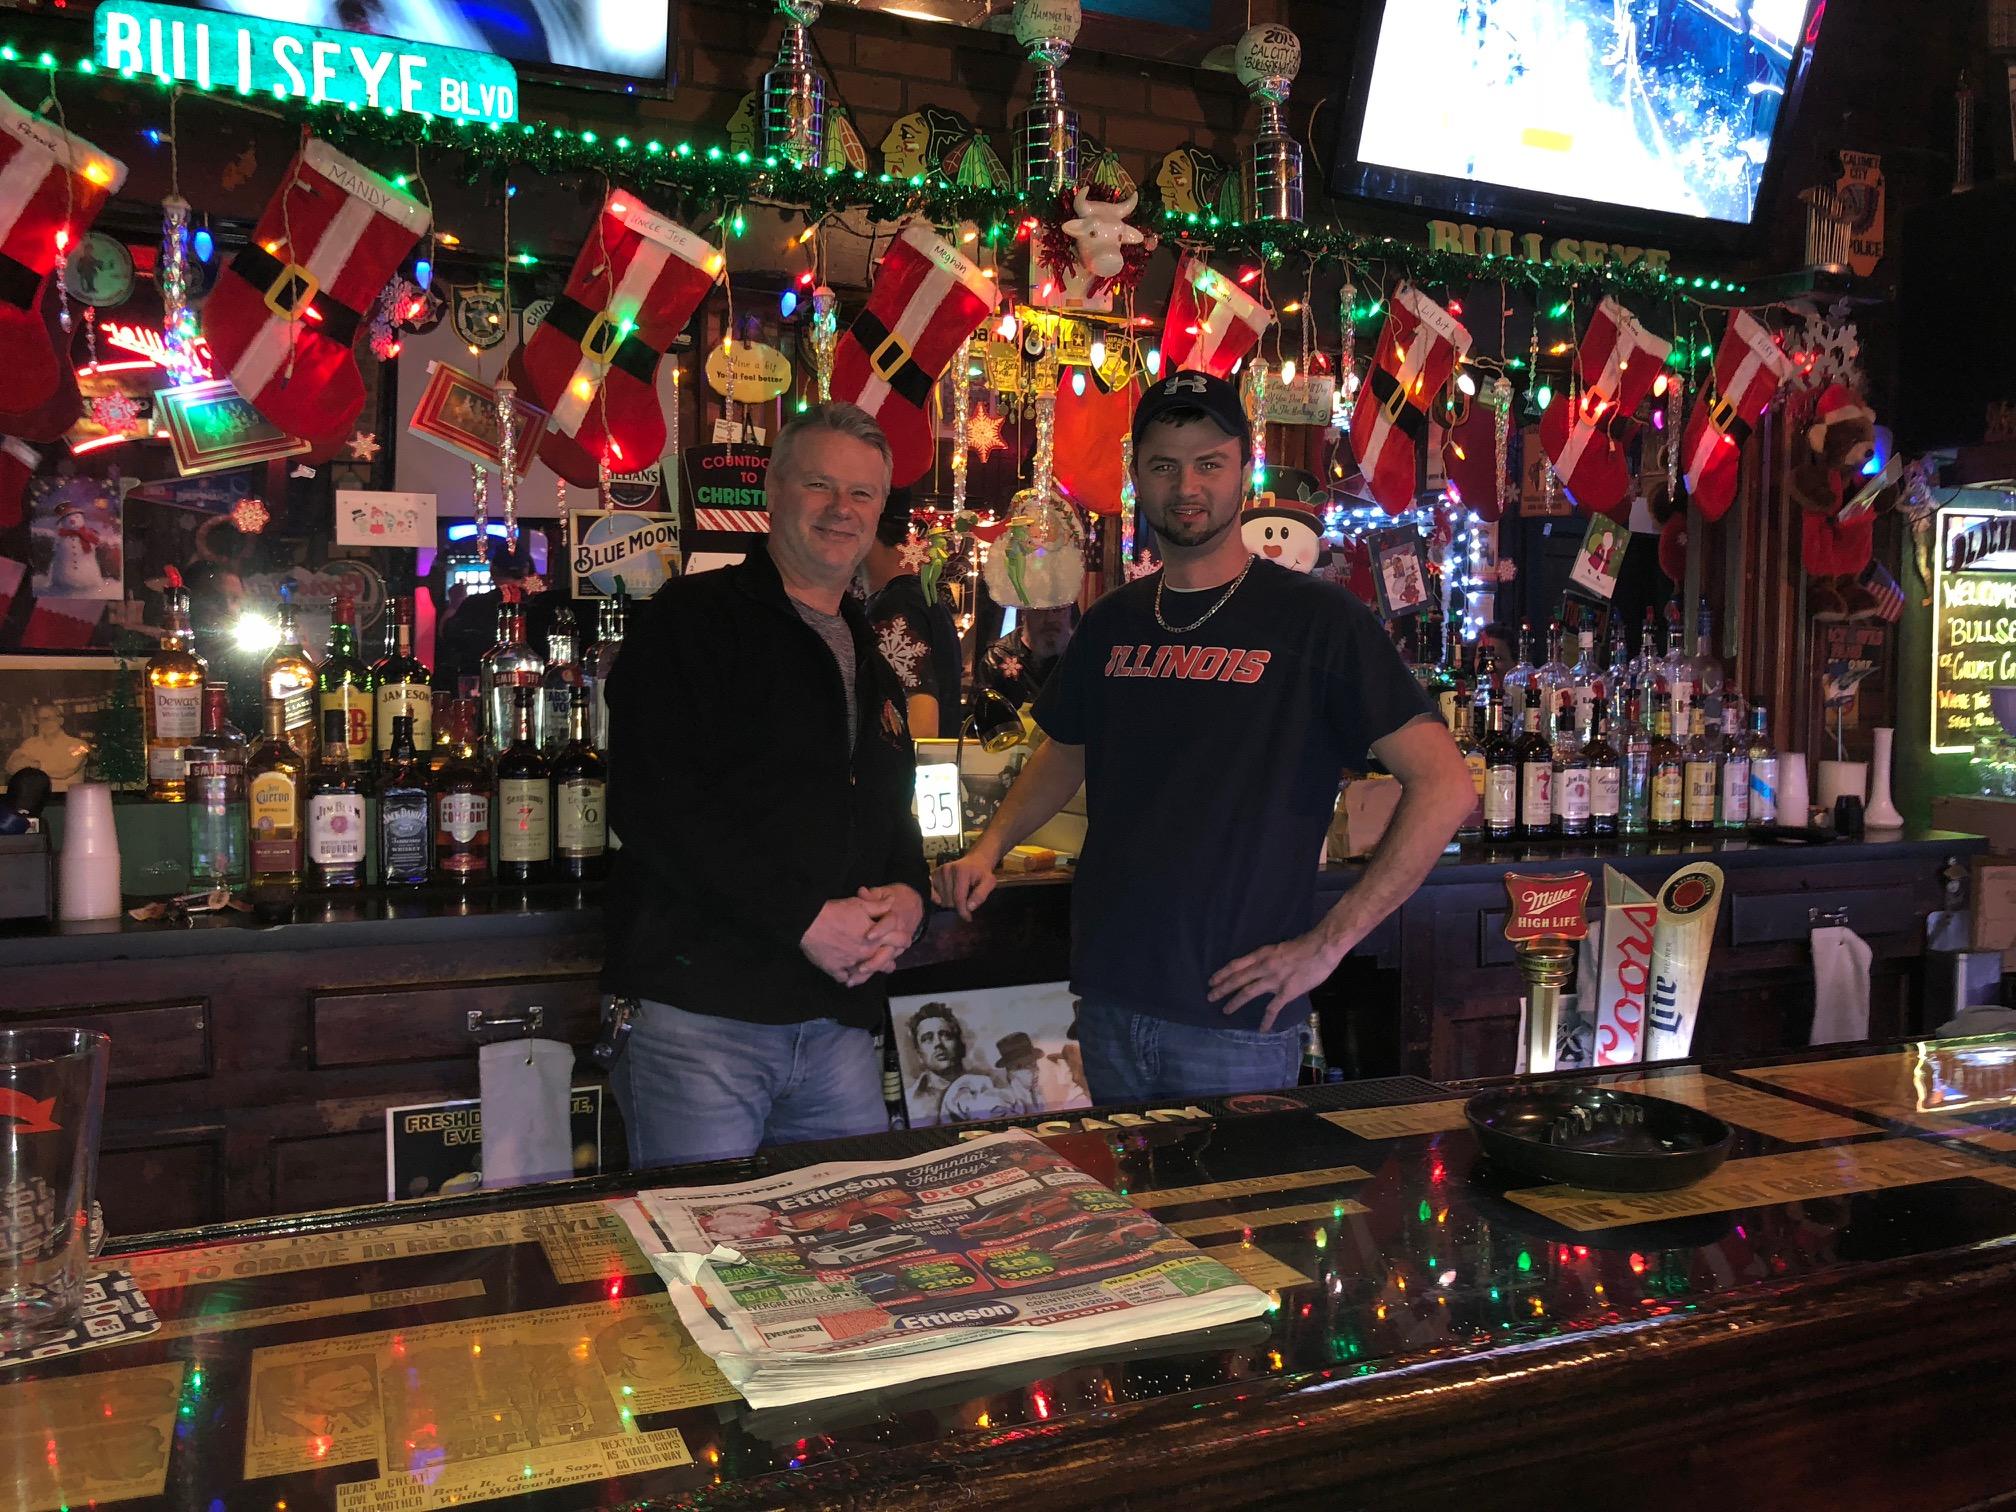 John Kasperek Co., Inc. Proudly Supporting Local Businesses like Bullseye Lounge